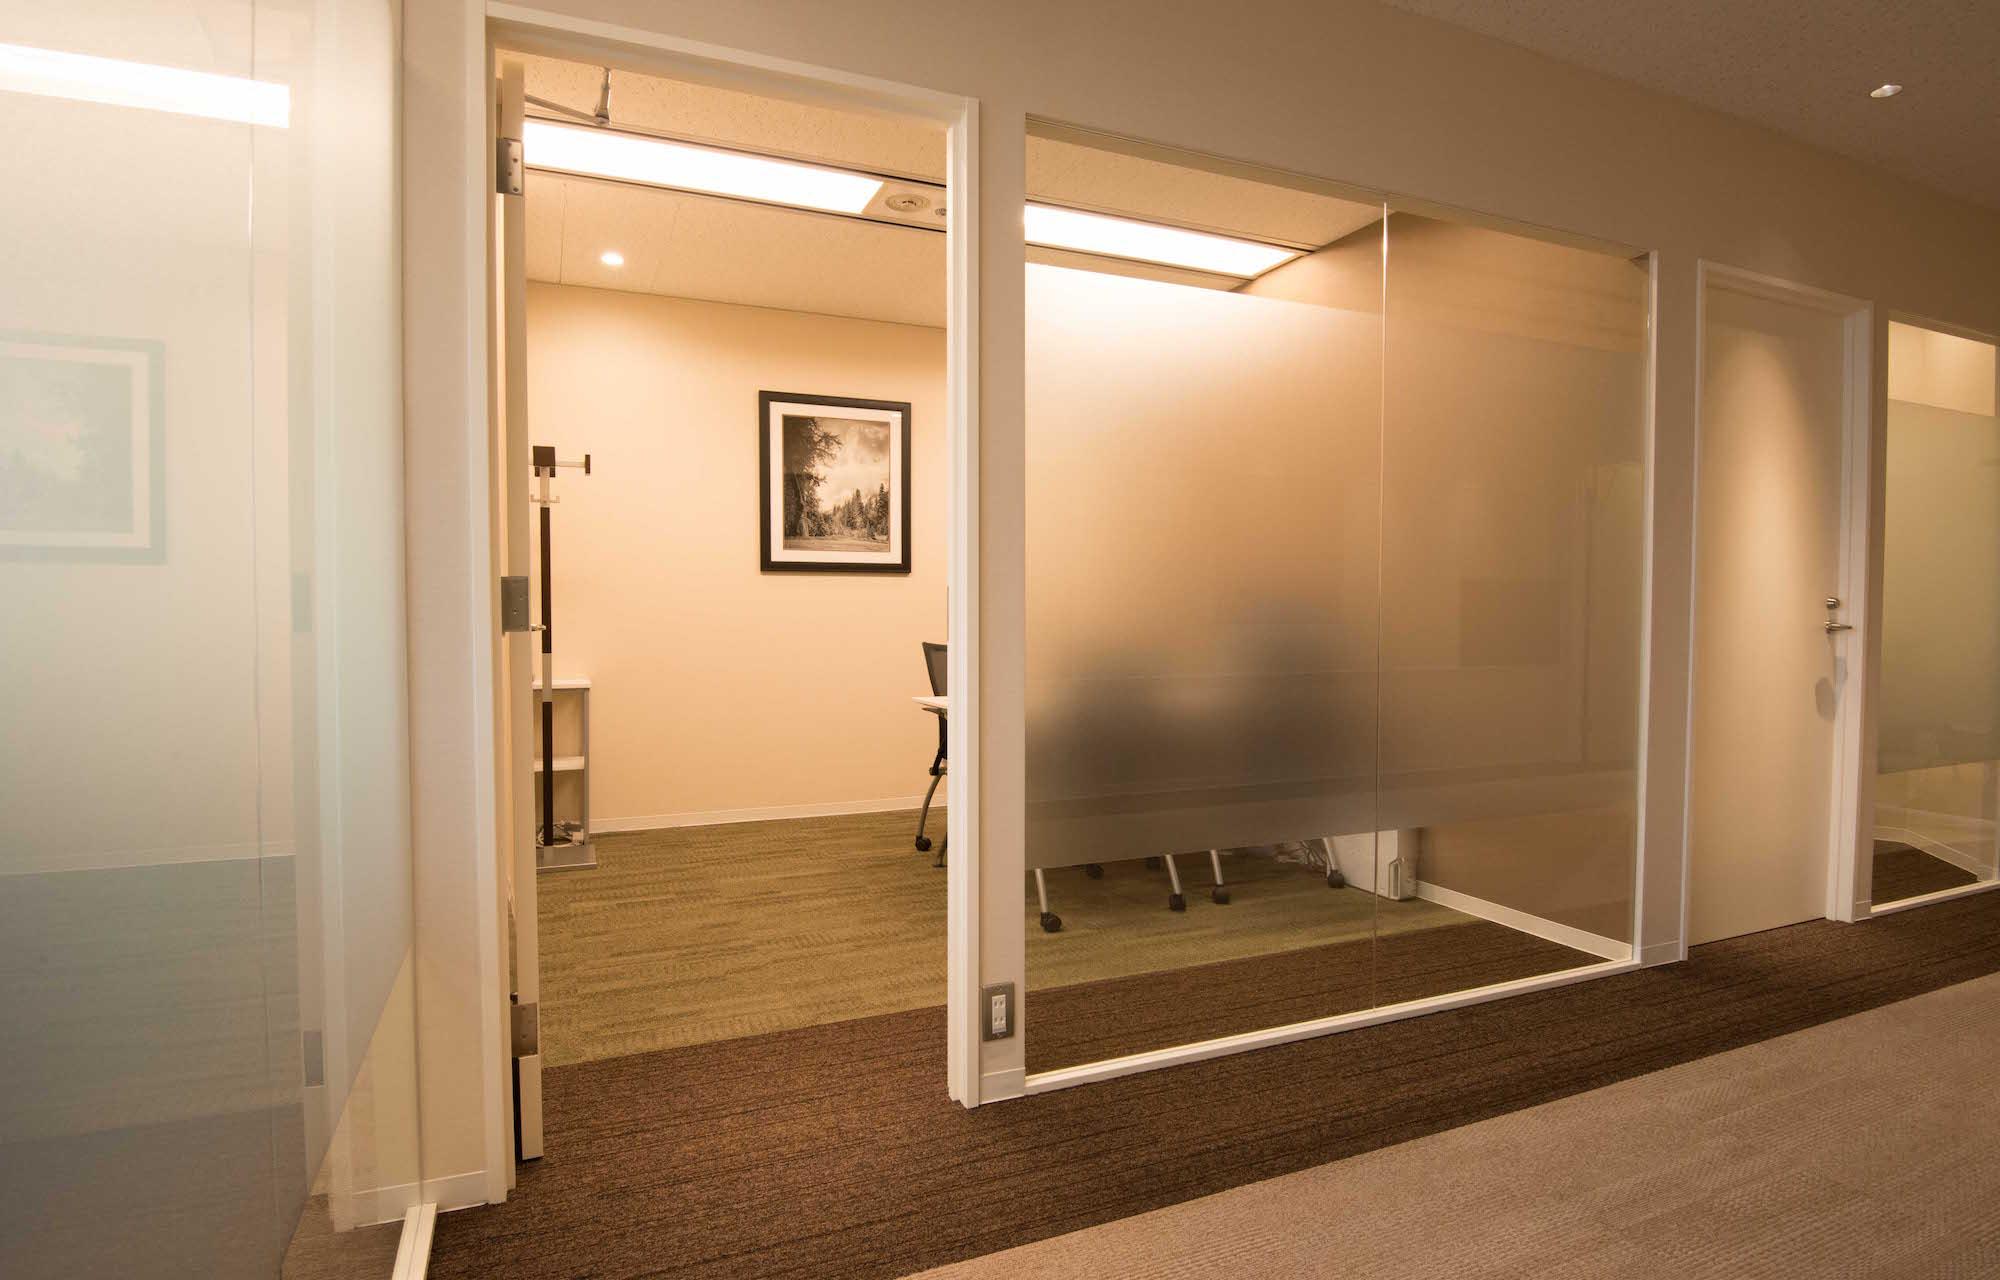 アンテロープキャリアコンサルティング Meeting Room デザイン・レイアウト事例